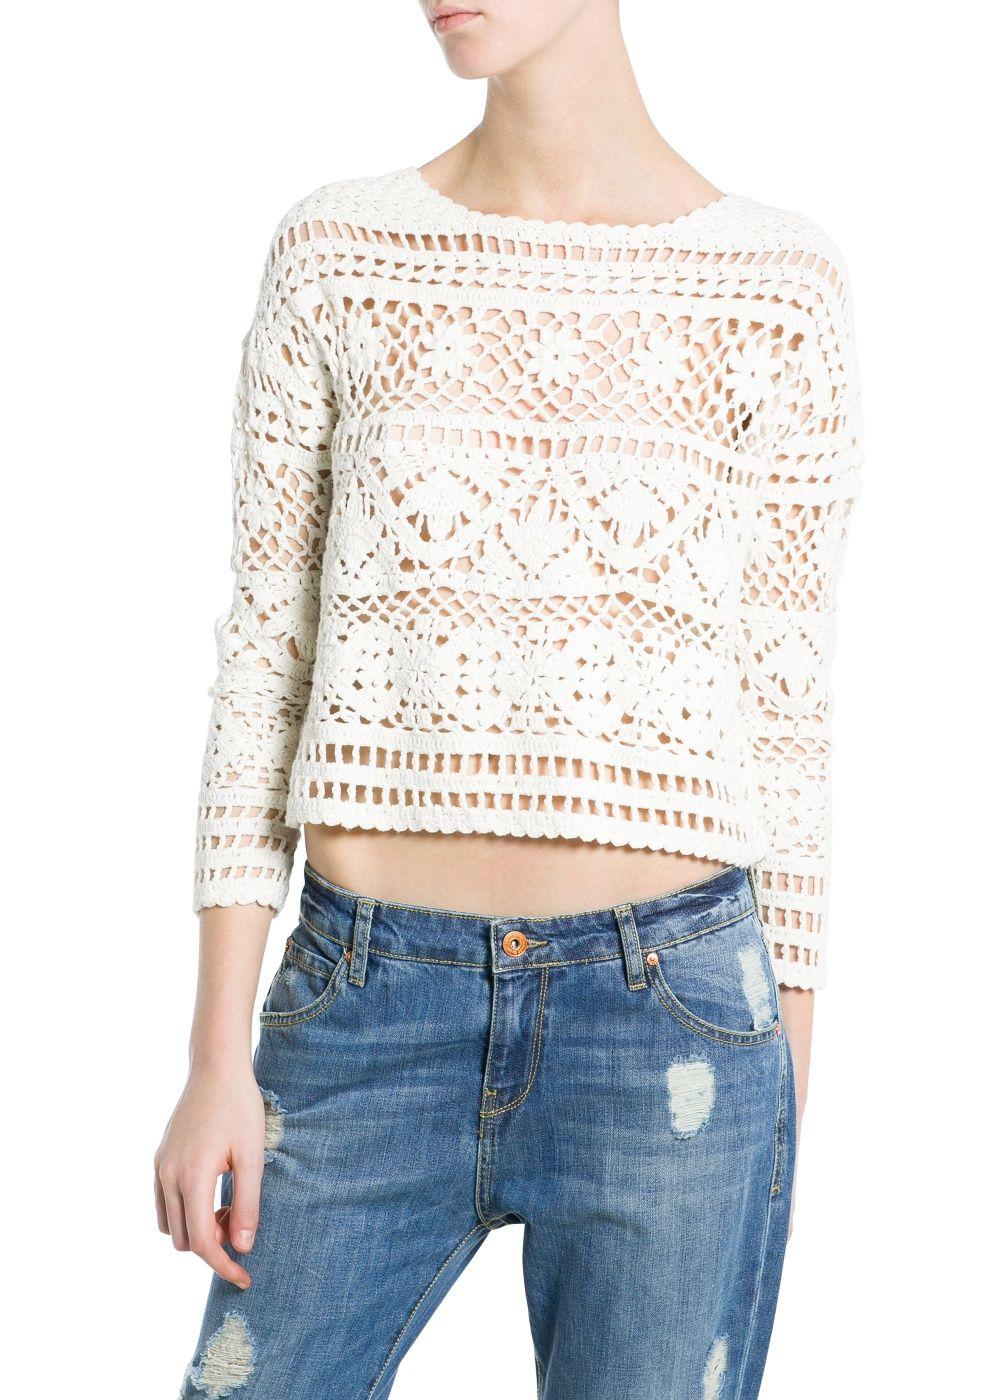 Crochet cortada camisola   crochet   Pinterest   Tejido, Blusas y ...